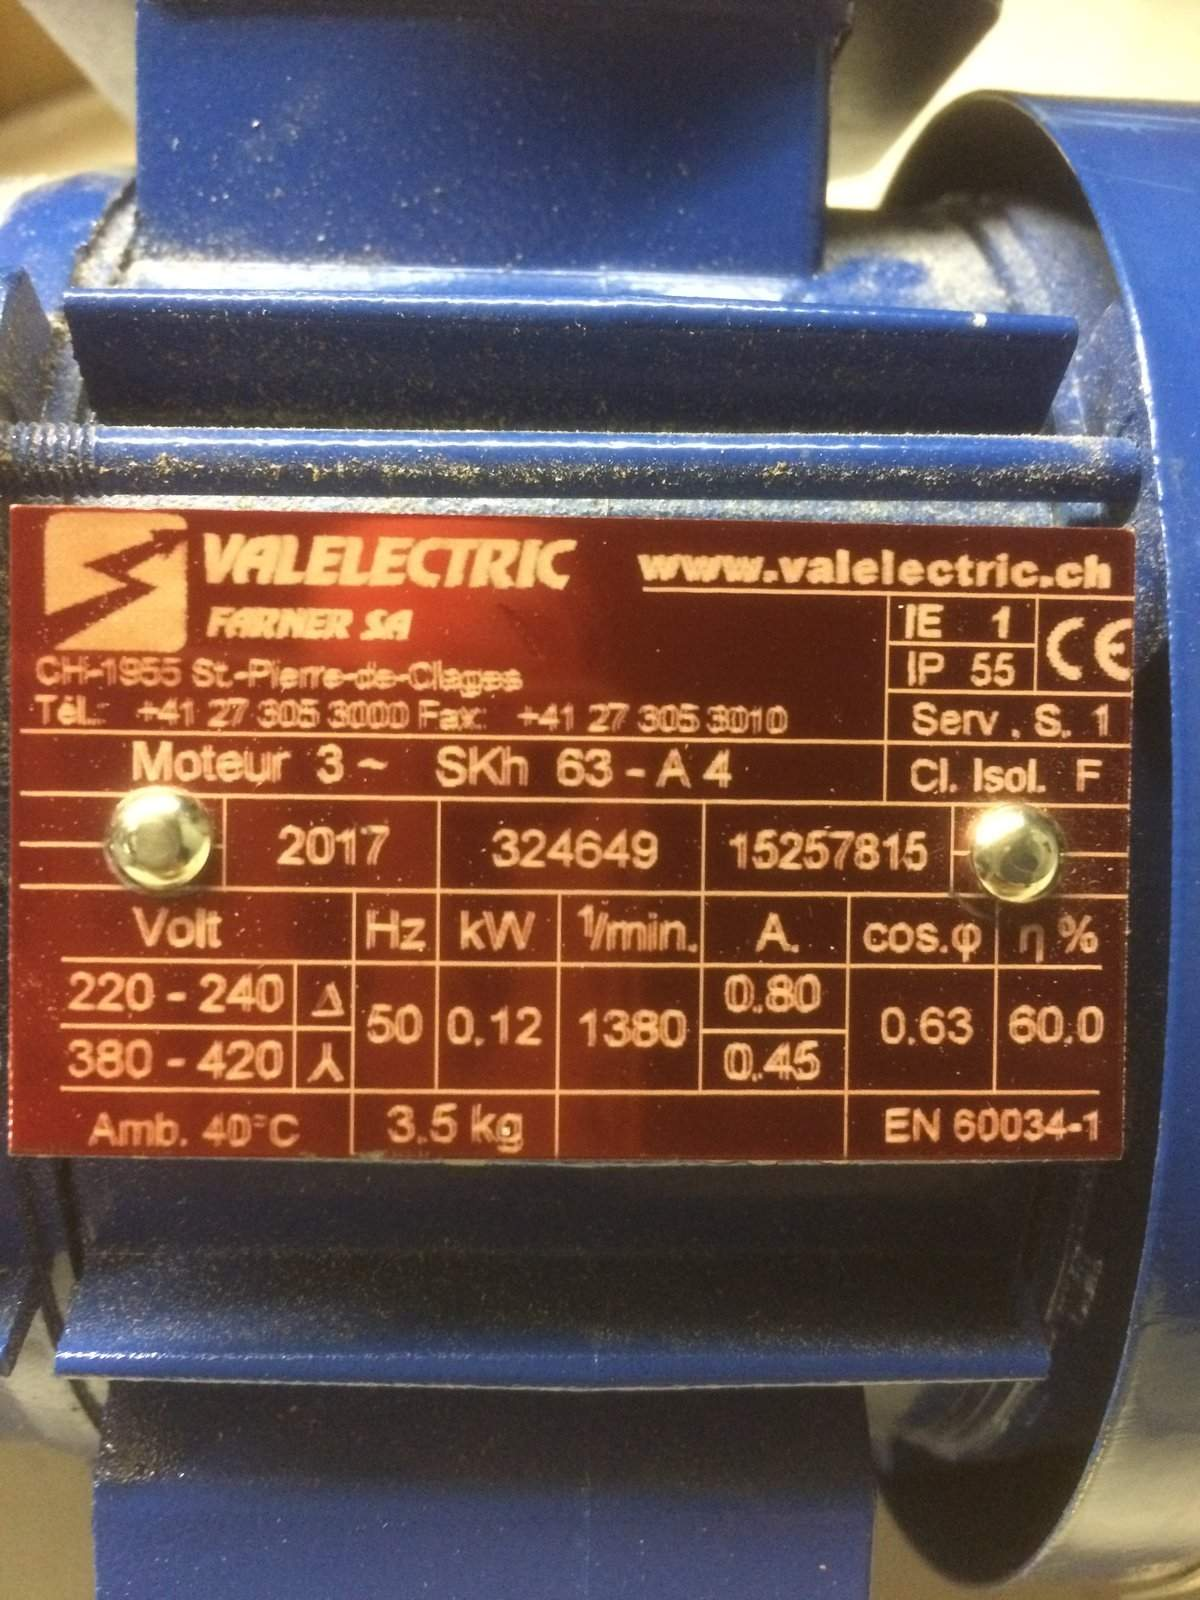 5156DBF3-F0D5-41C2-A87D-9FAFB55DEC4D.jpeg